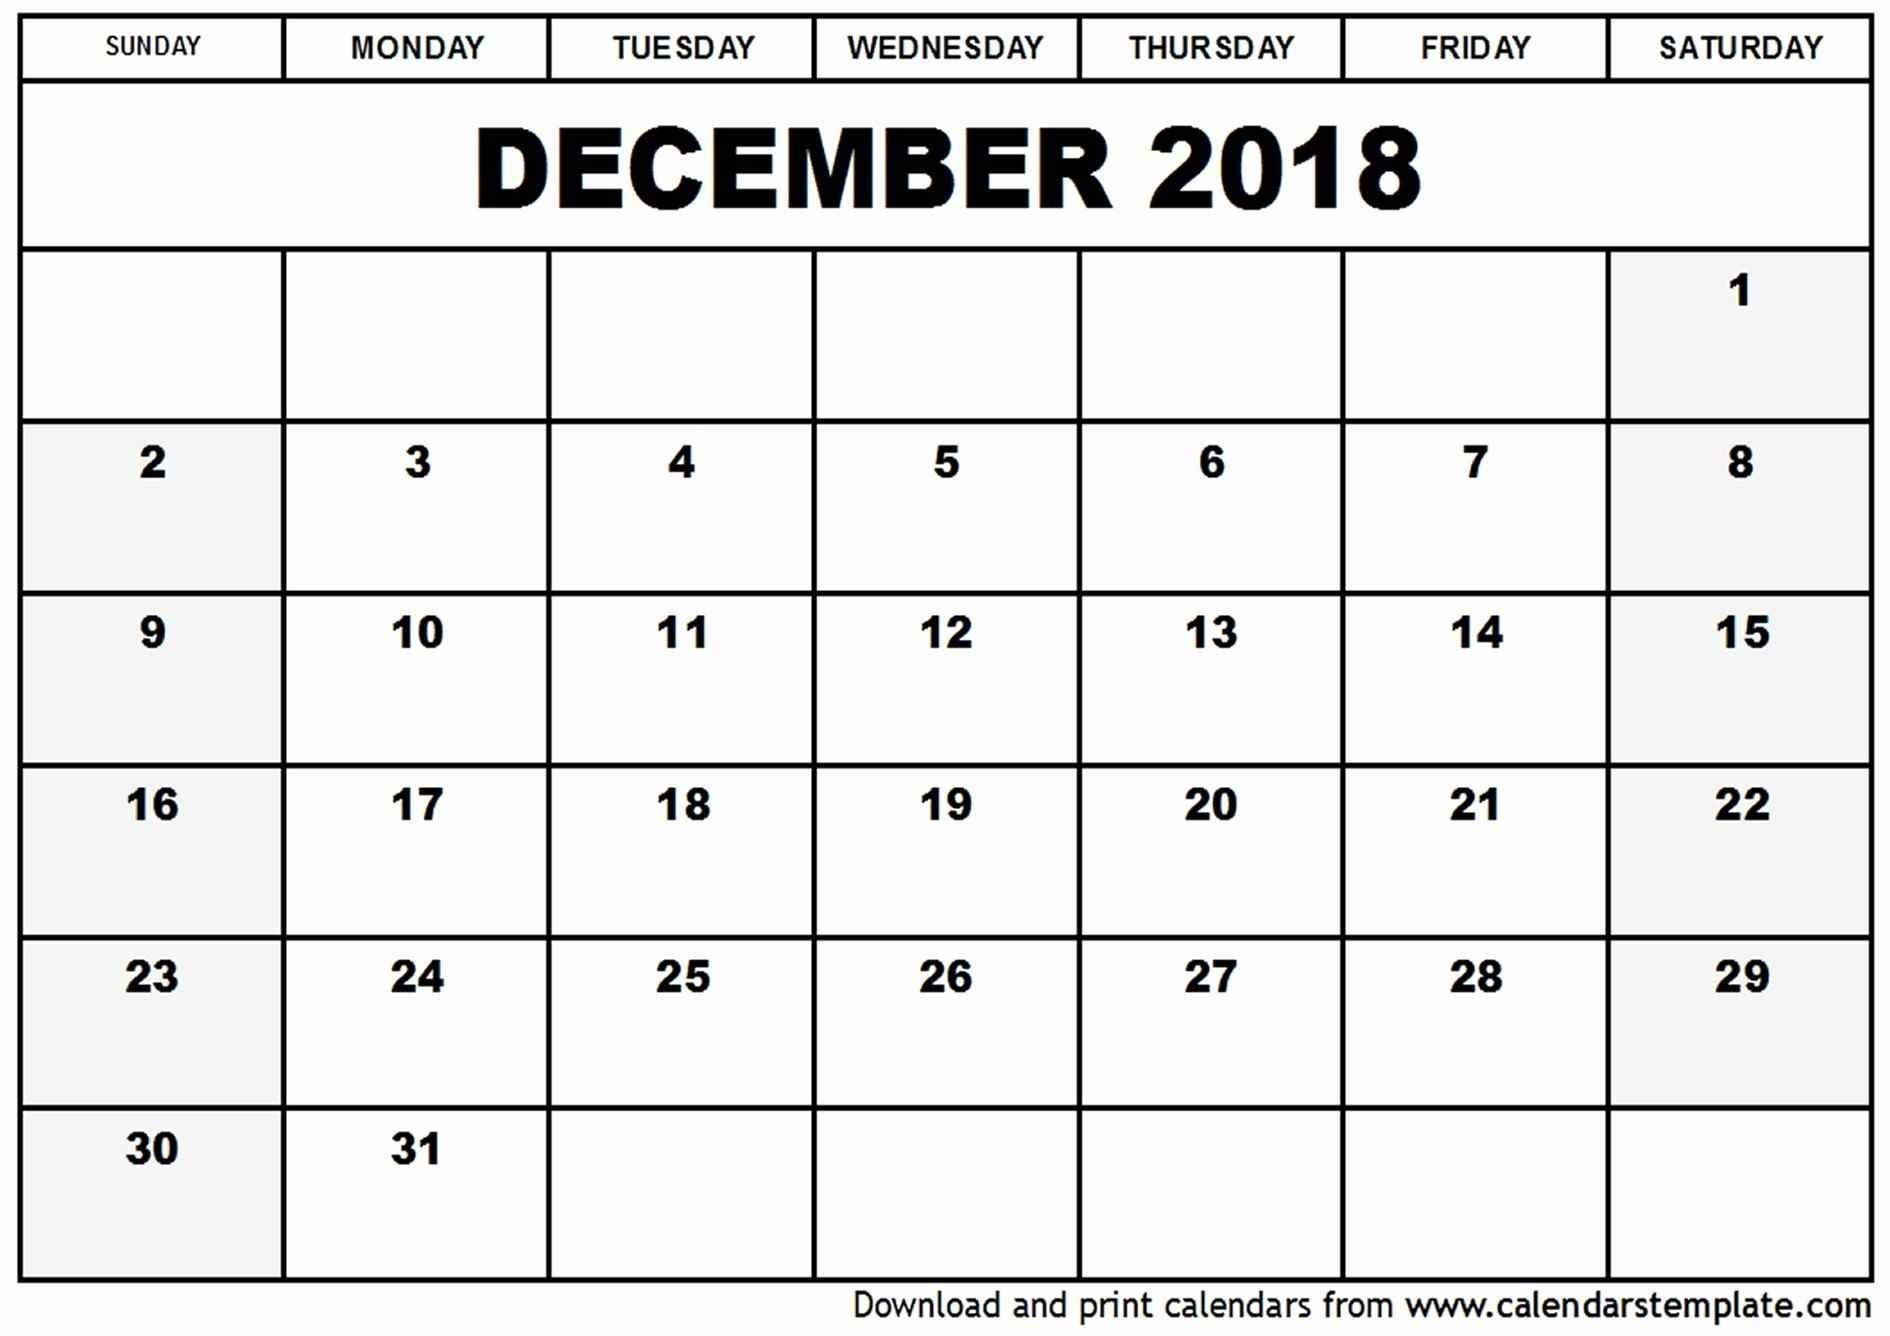 Calendario 2019 Para Imprimir Argentina Con Feriados Gratis Más Populares Determinar Calendario 2019 In Excel Of Calendario 2019 Para Imprimir Argentina Con Feriados Gratis Más Caliente Evaluar Calendario 2019 Con Sus Feriados